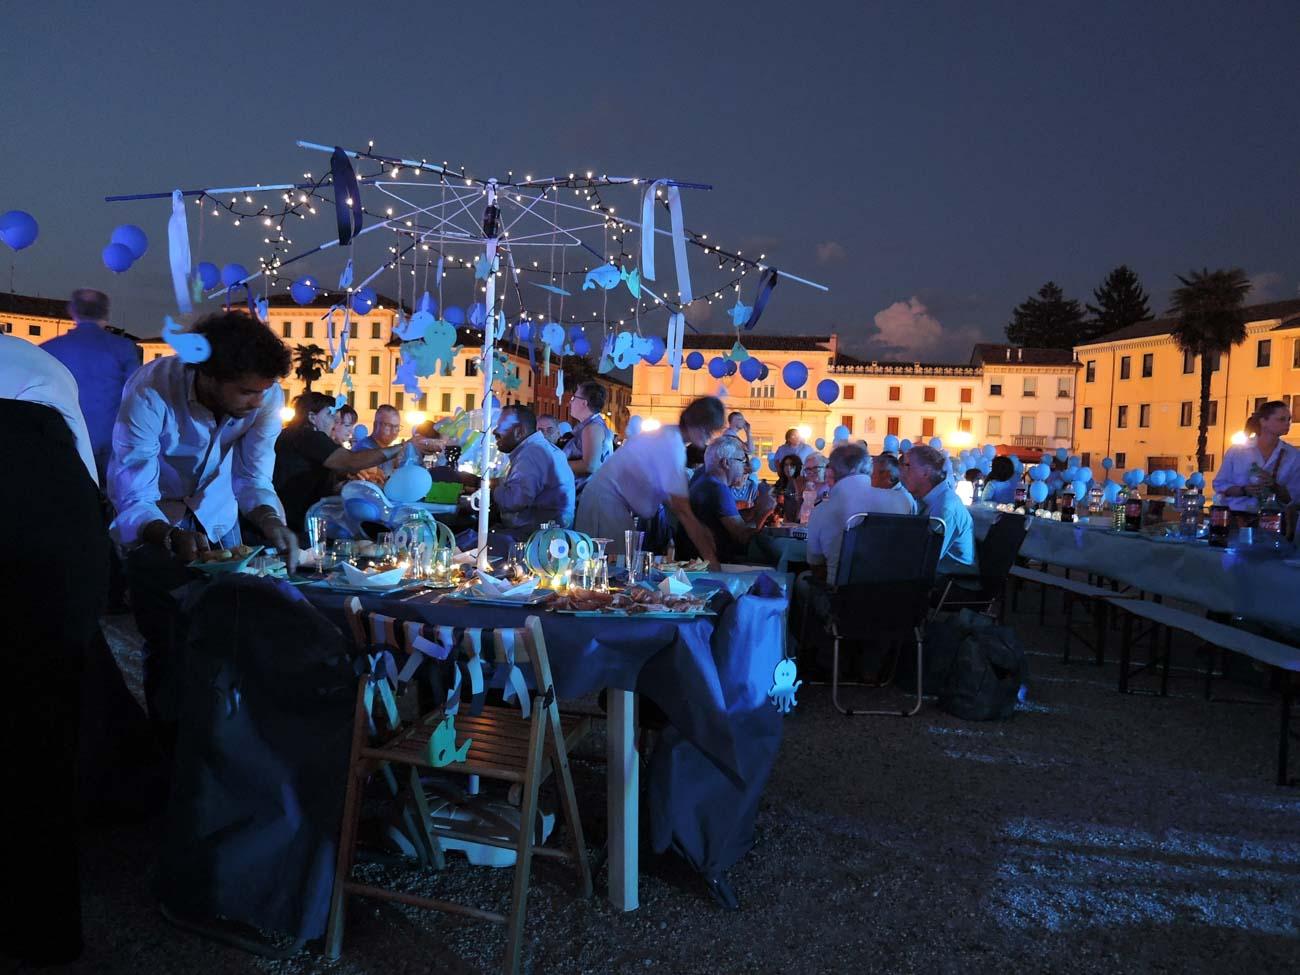 Il Mare a Palmanova, 2018 - cena in azzurro per celebrare i 40 anni della rivoluzione basagliana organizzata dal Consorzio di Cooperative Sociali Il Mosaico